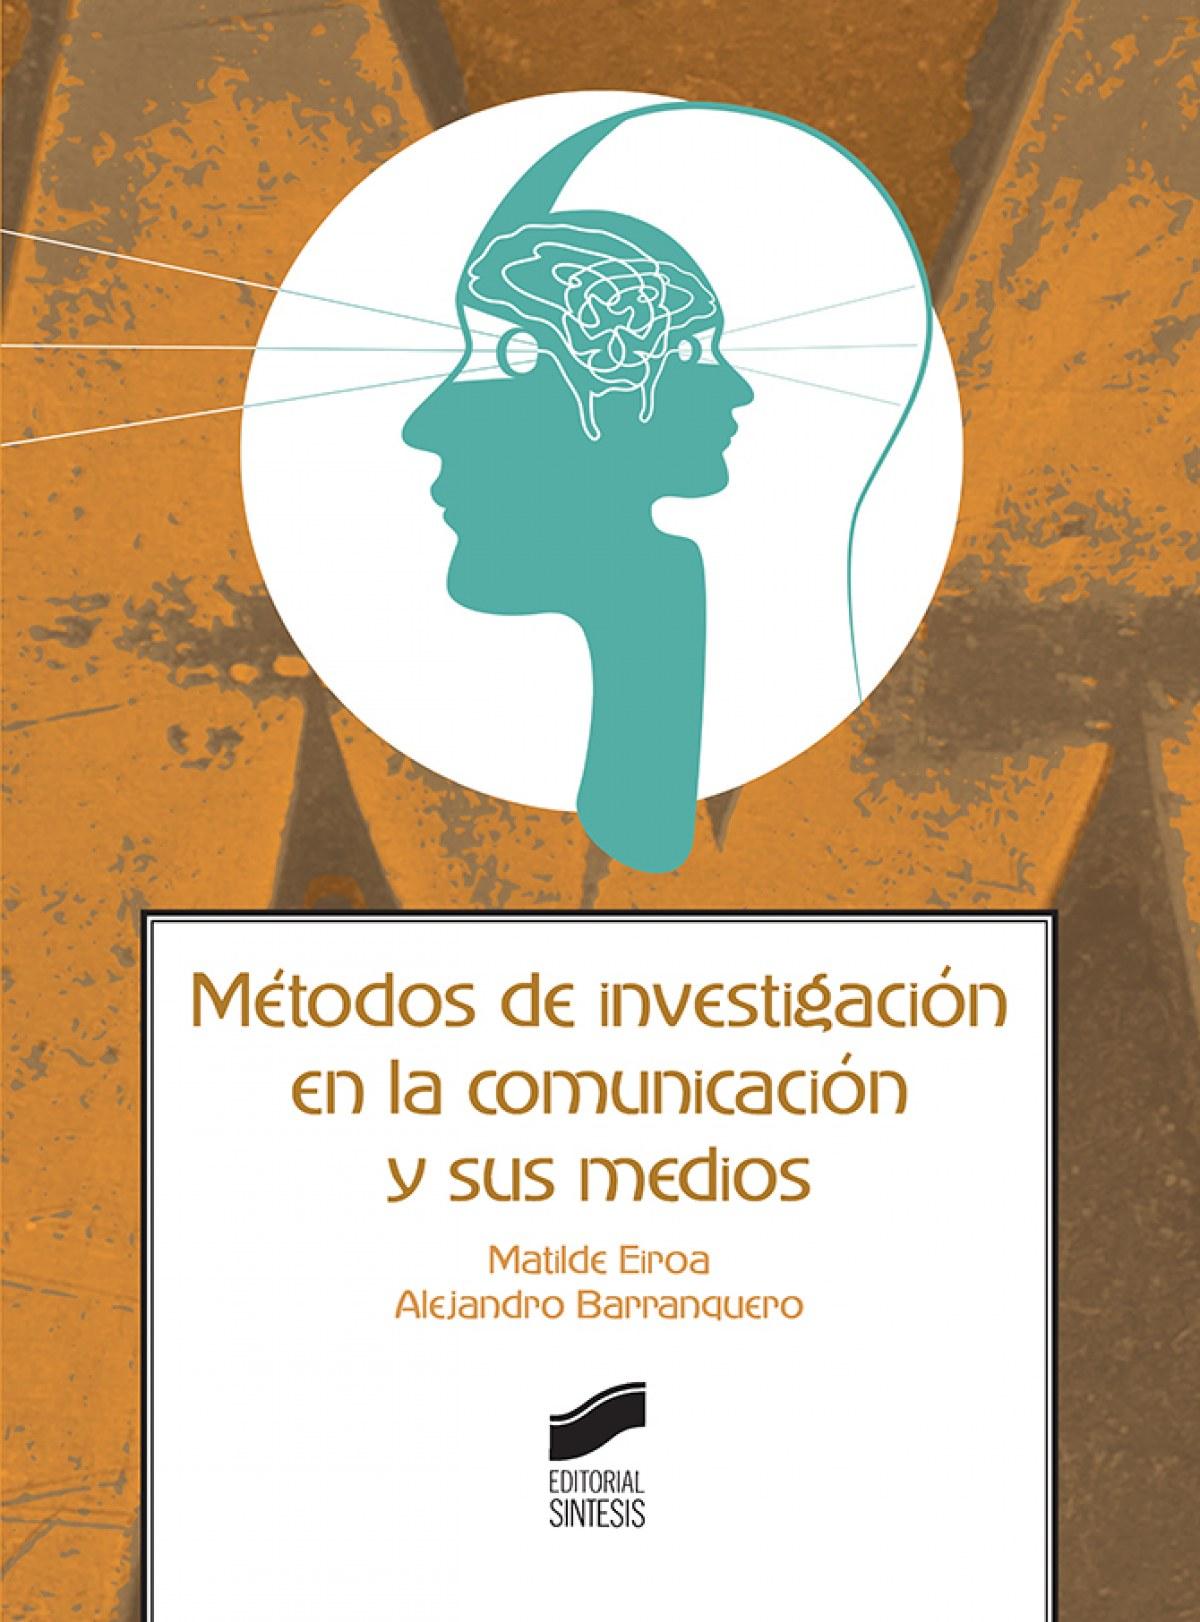 METODOS DE INVESTIGACIÓN EN LA COMUNICACIÓN Y SUS MEDIOS